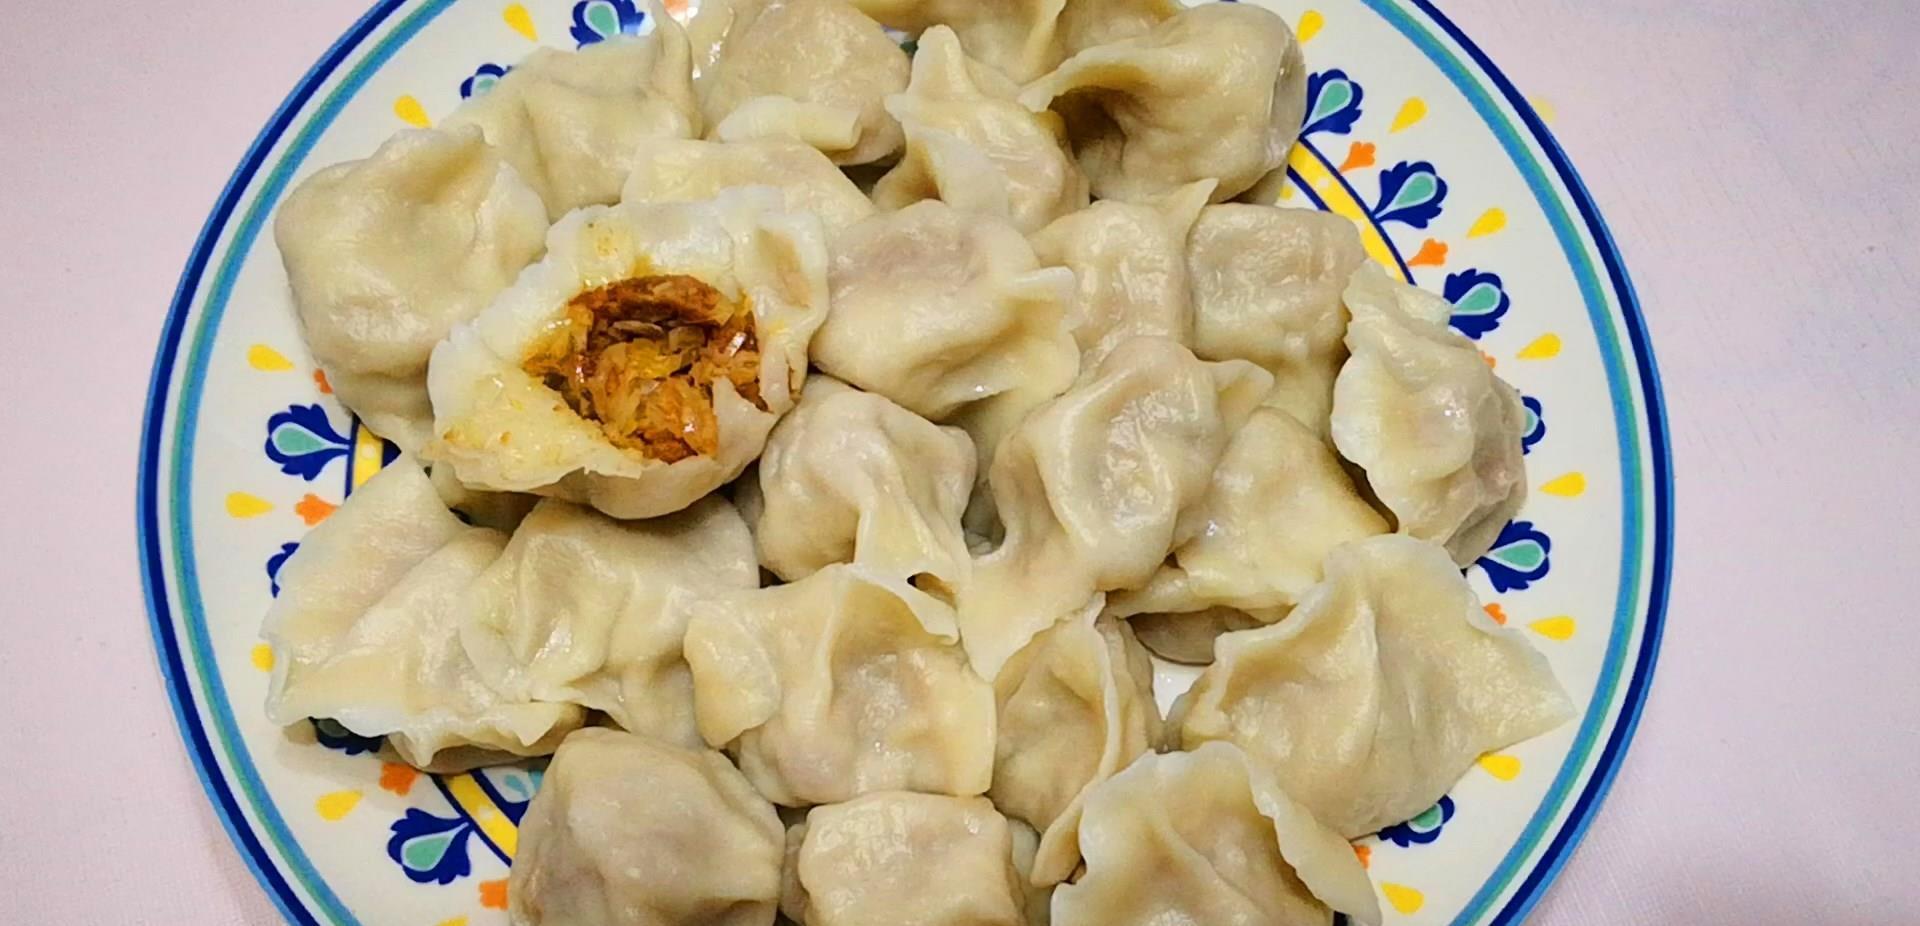 酸菜饺子好吃有诀窍,只需学会这个调馅方法,酸菜没异味,味道香